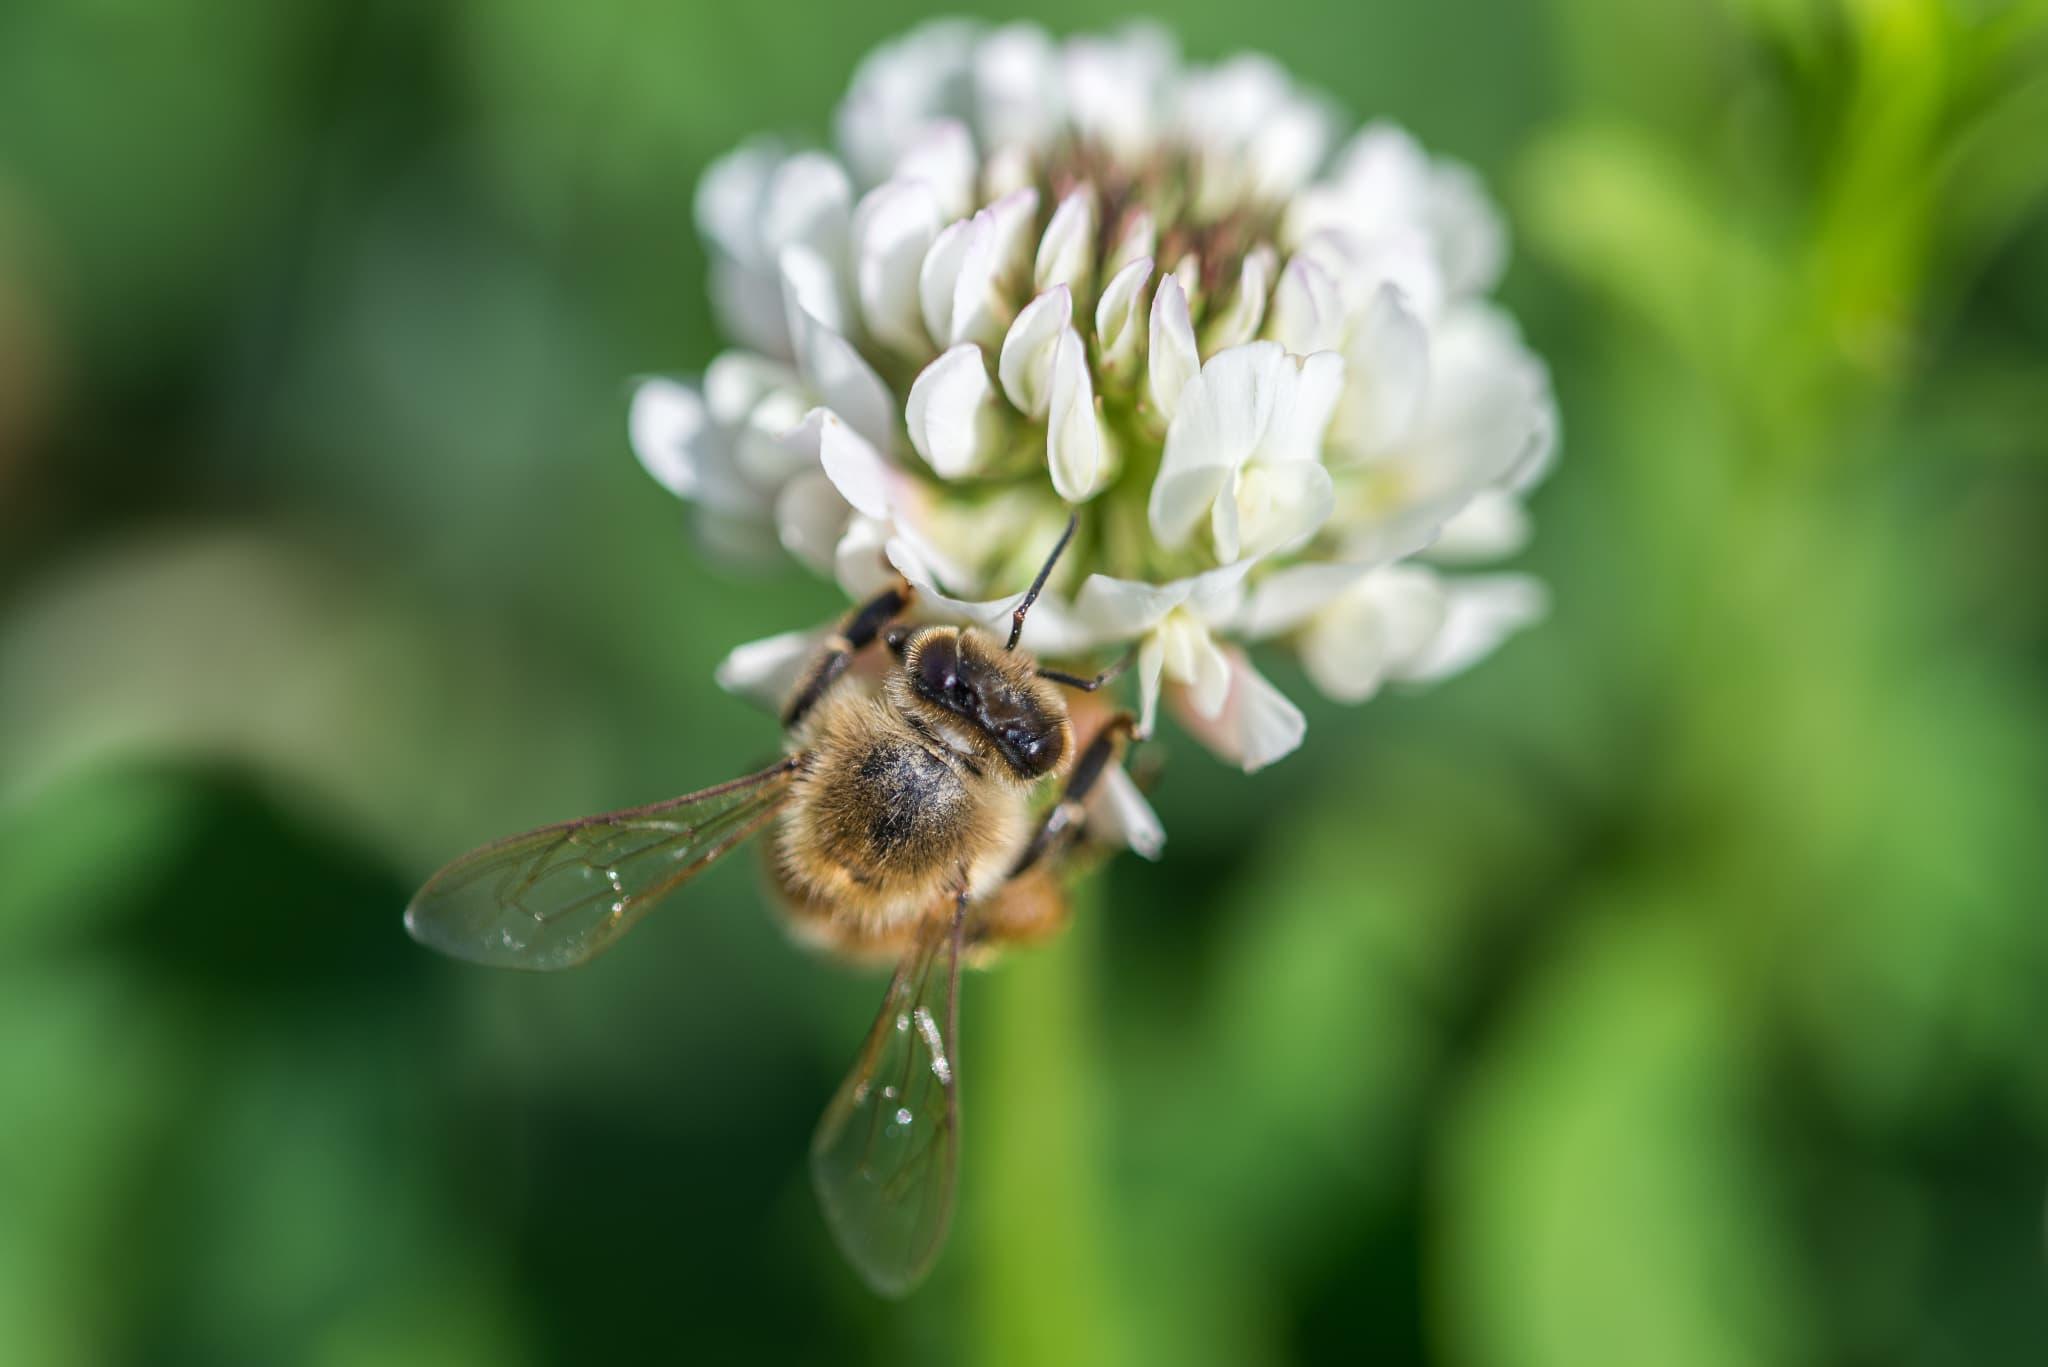 イメージ写真_花の蜜を吸うミツバチ